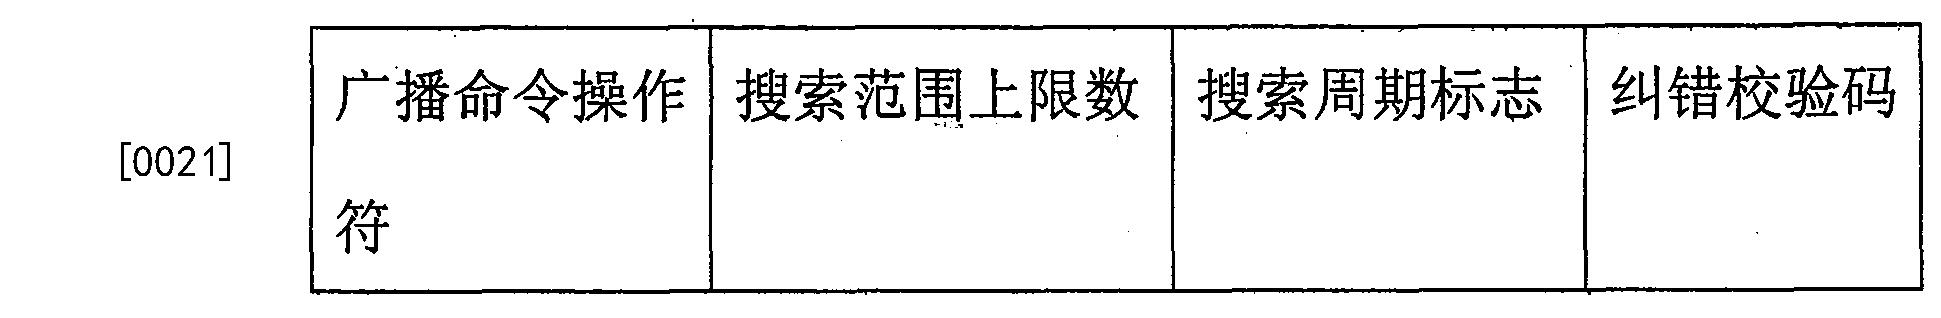 Figure CN104020347BD00051